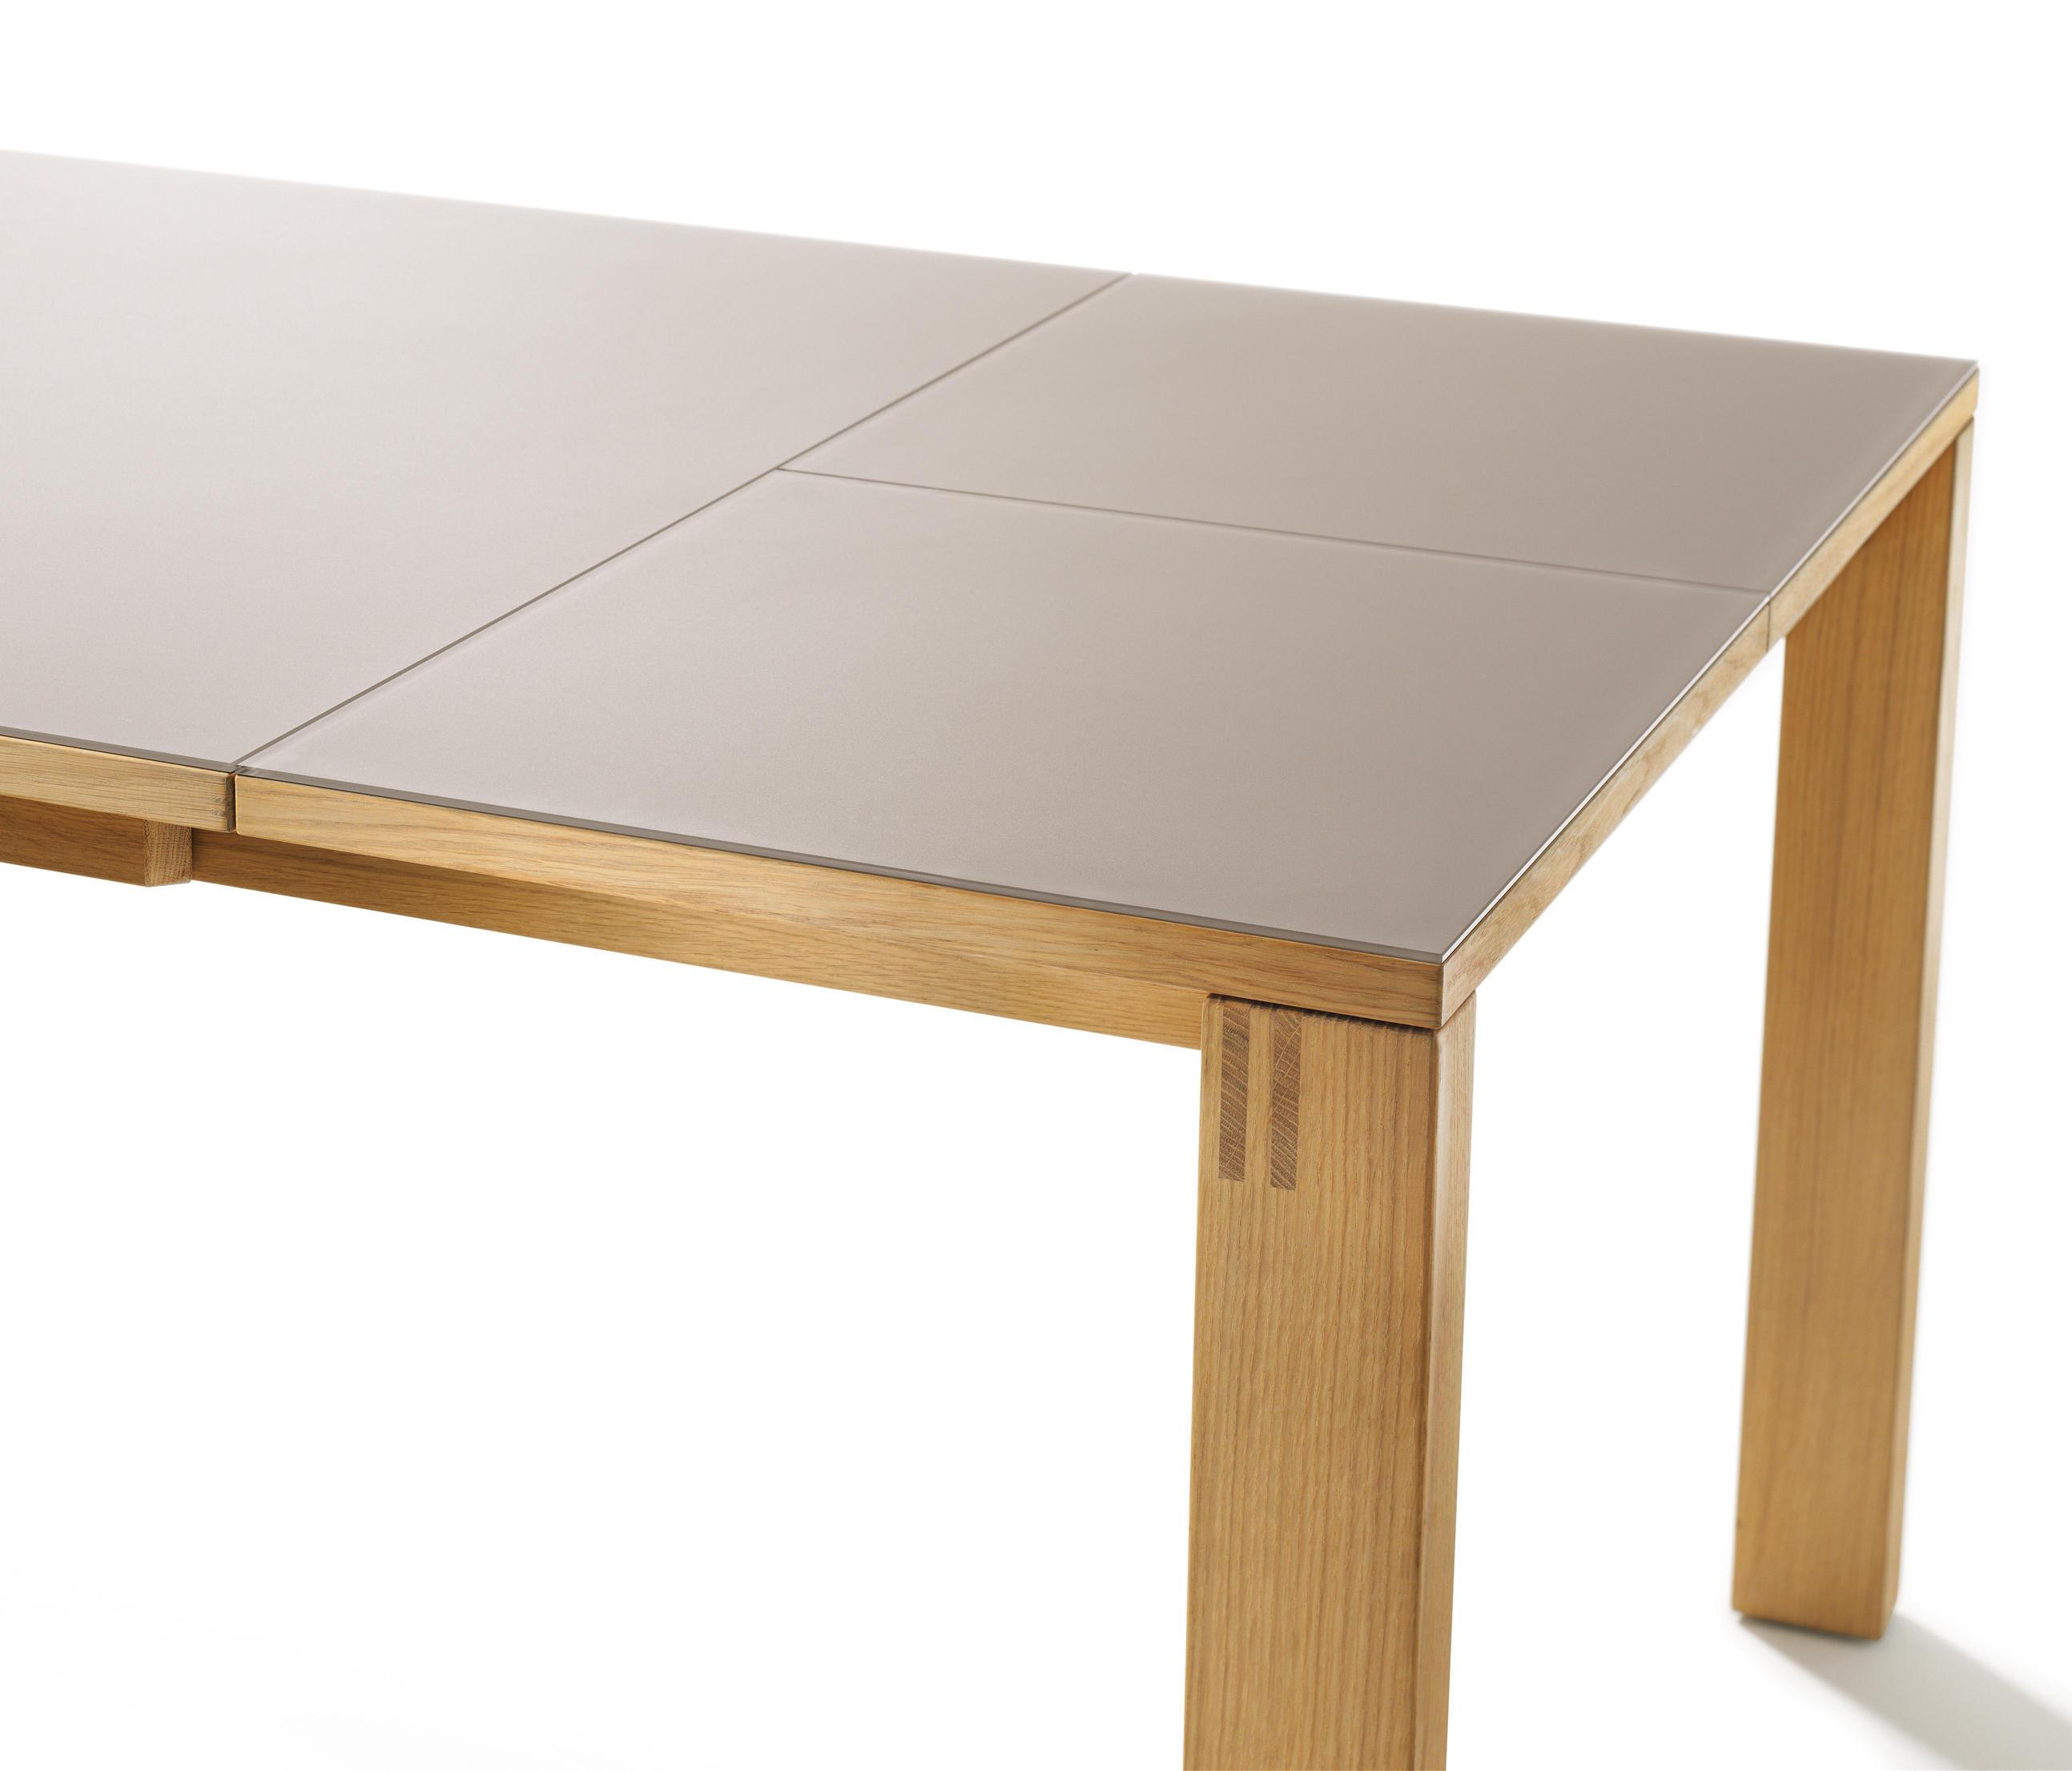 magnum auszugstisch esstische von team 7 architonic. Black Bedroom Furniture Sets. Home Design Ideas